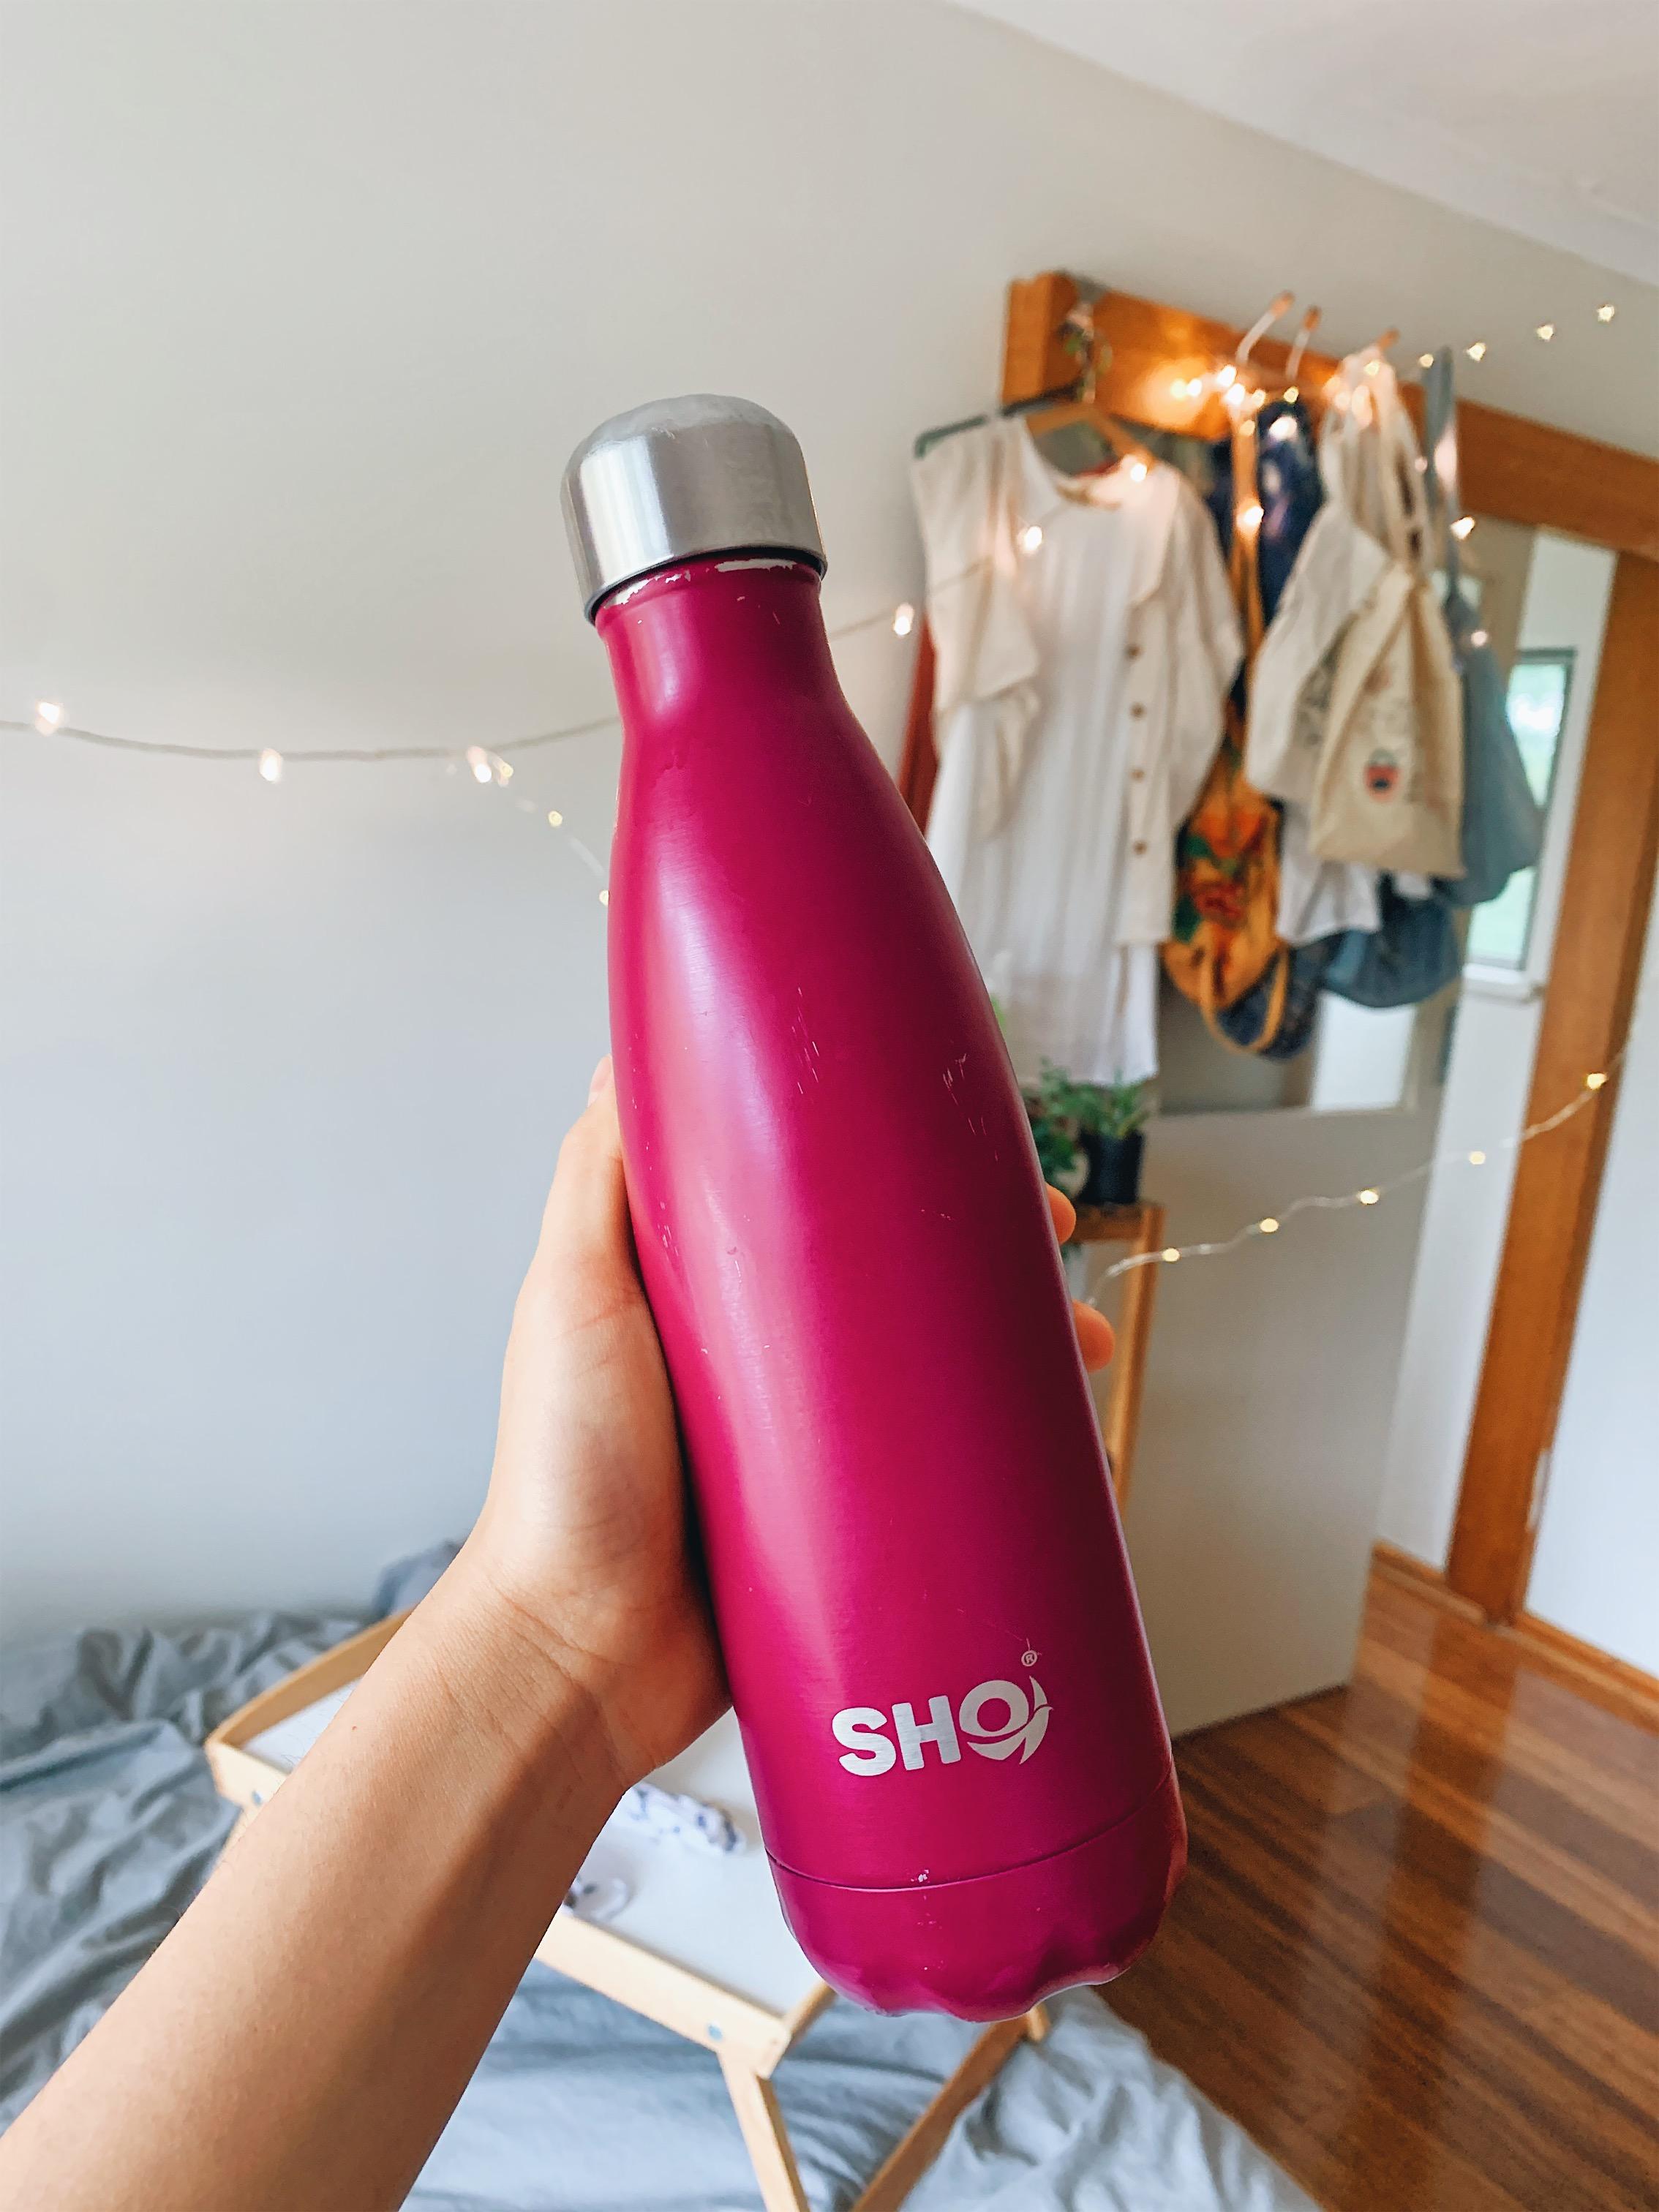 My fav bottle ever! From  SHO